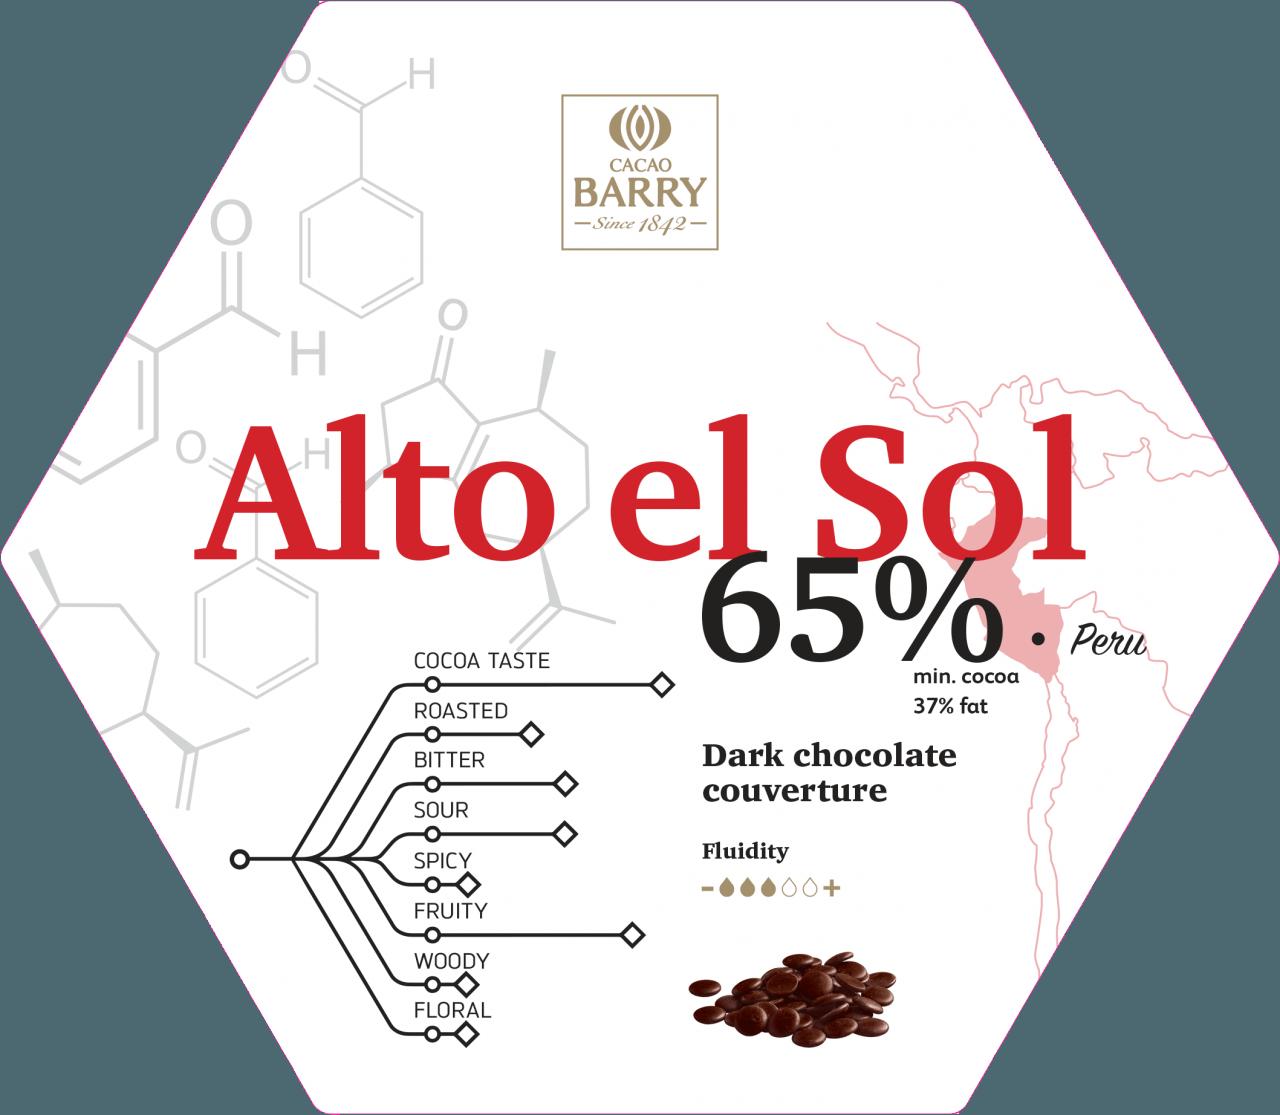 https://wvw.barry-callebaut.com/l/251982/2020-04-15/2lhj4l/251982/146025/Alto_el_Sol.pdf